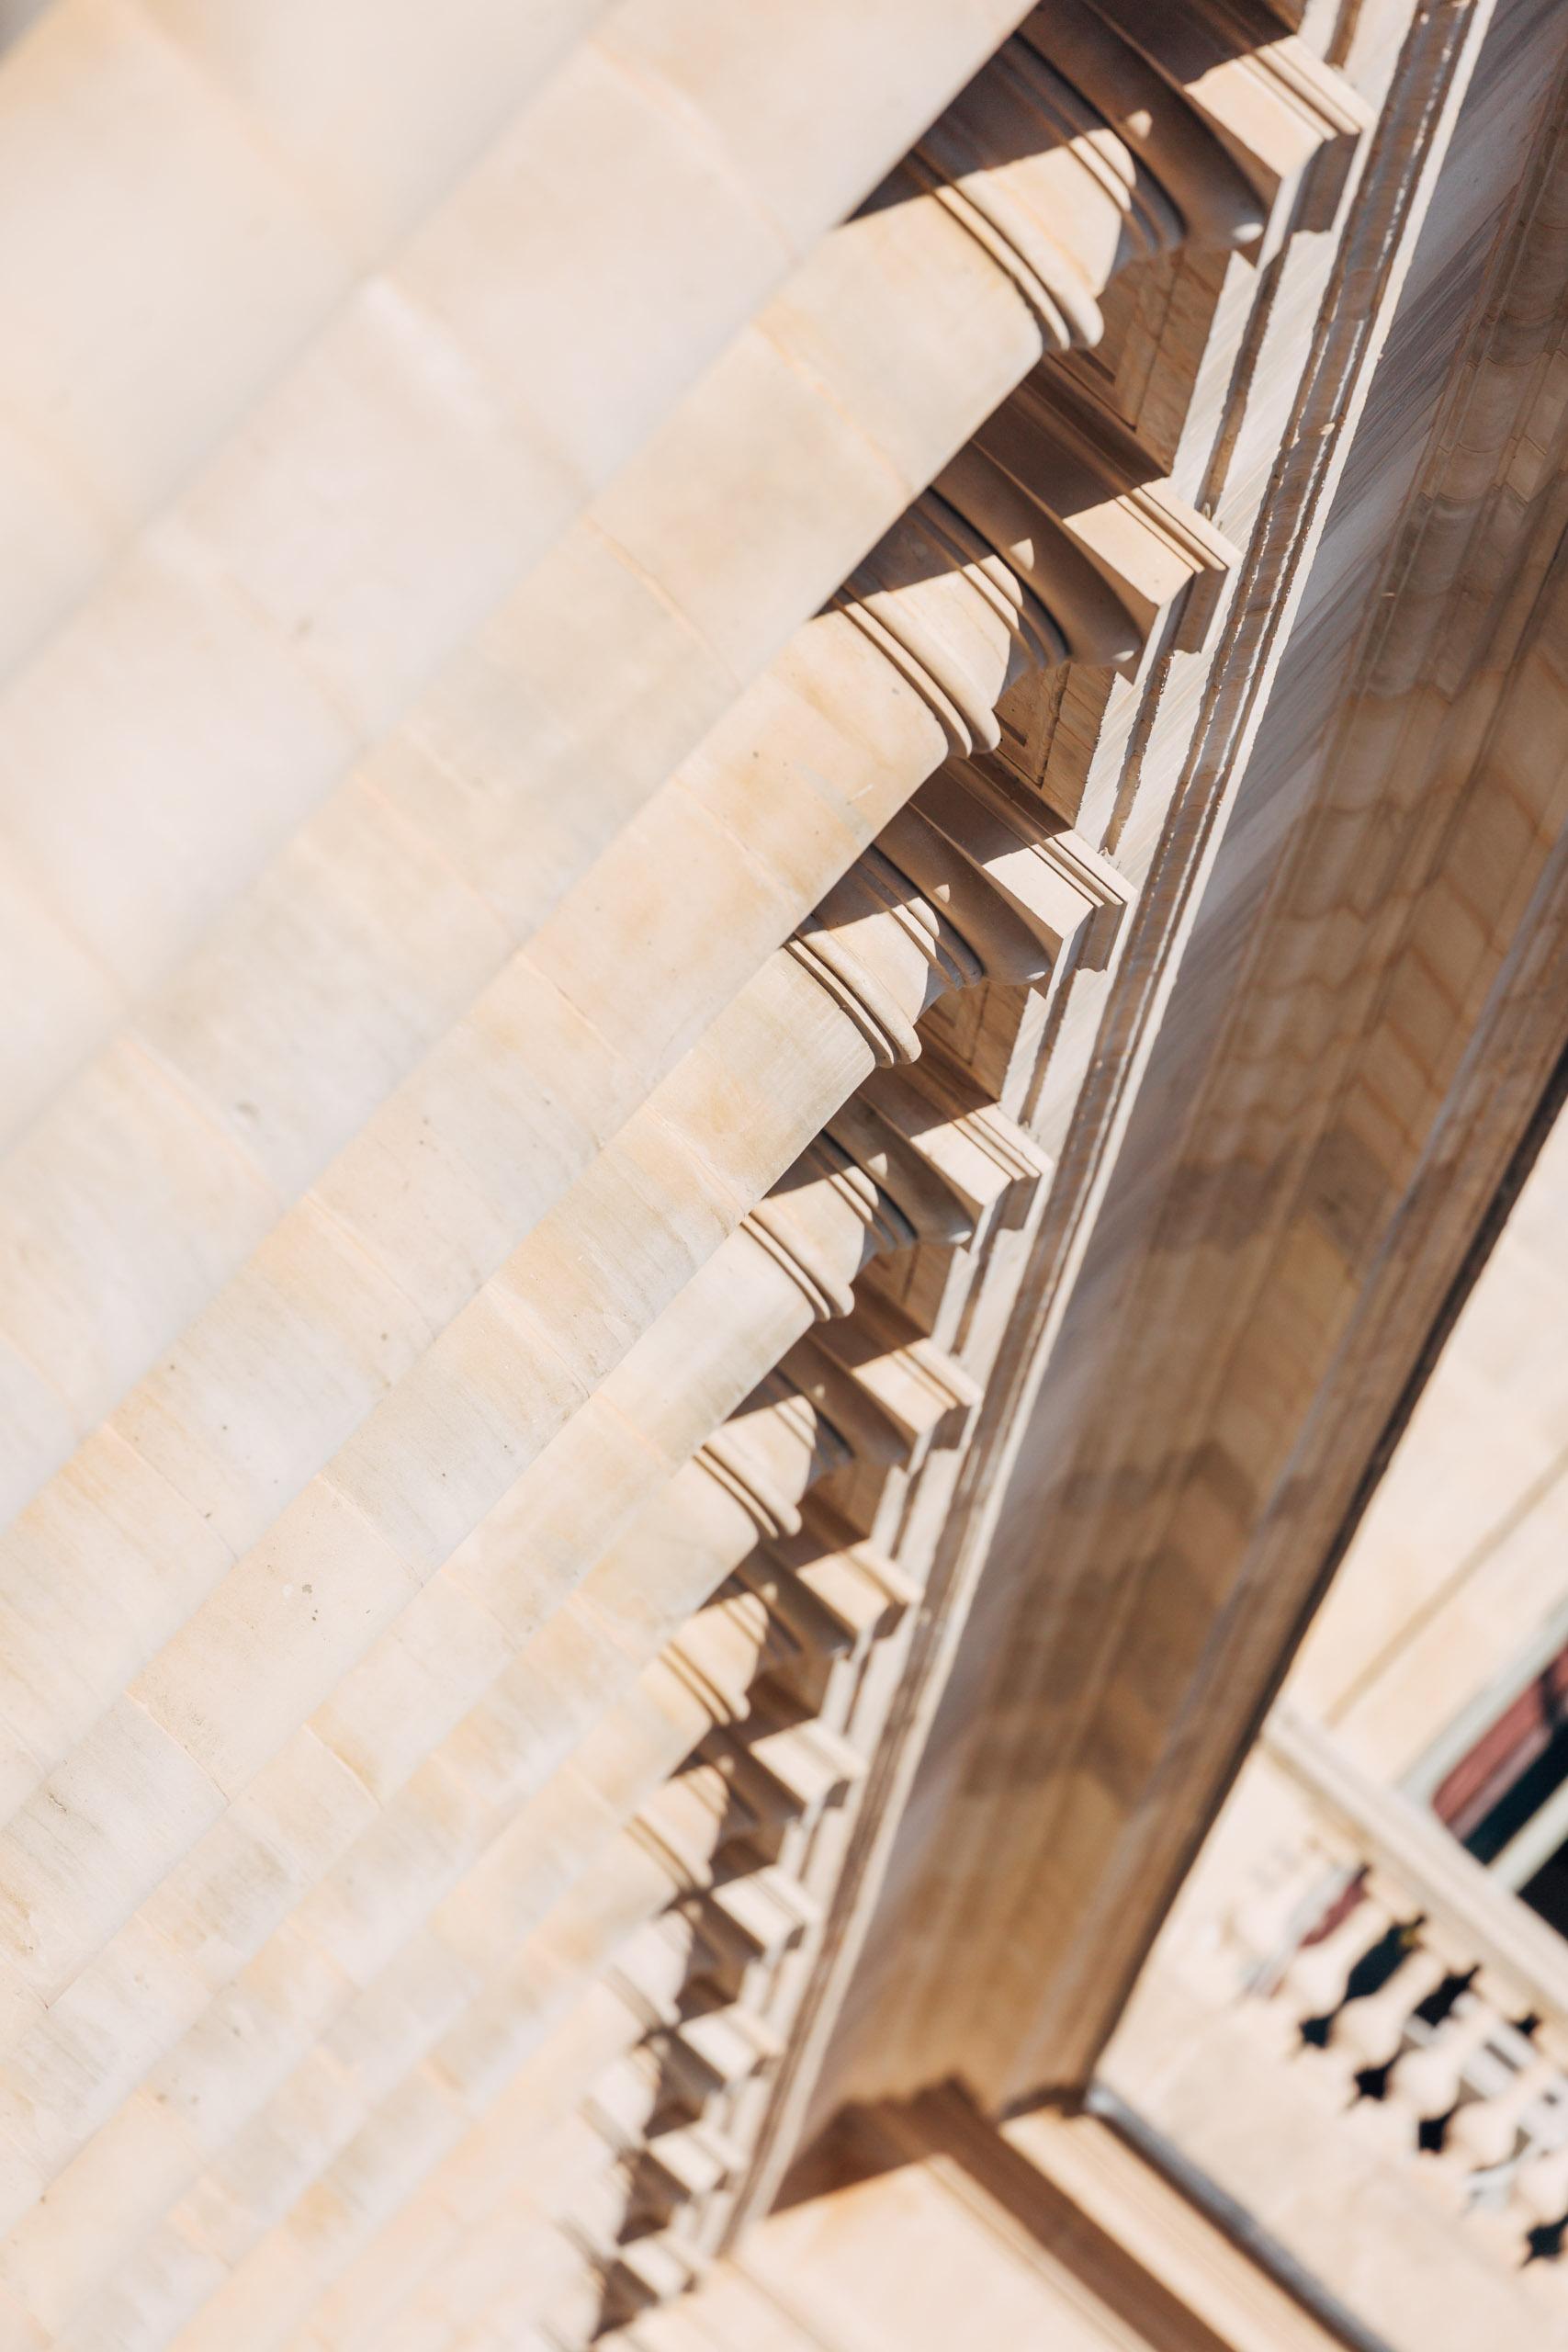 M.C.C. - Palais Royal-55.jpg